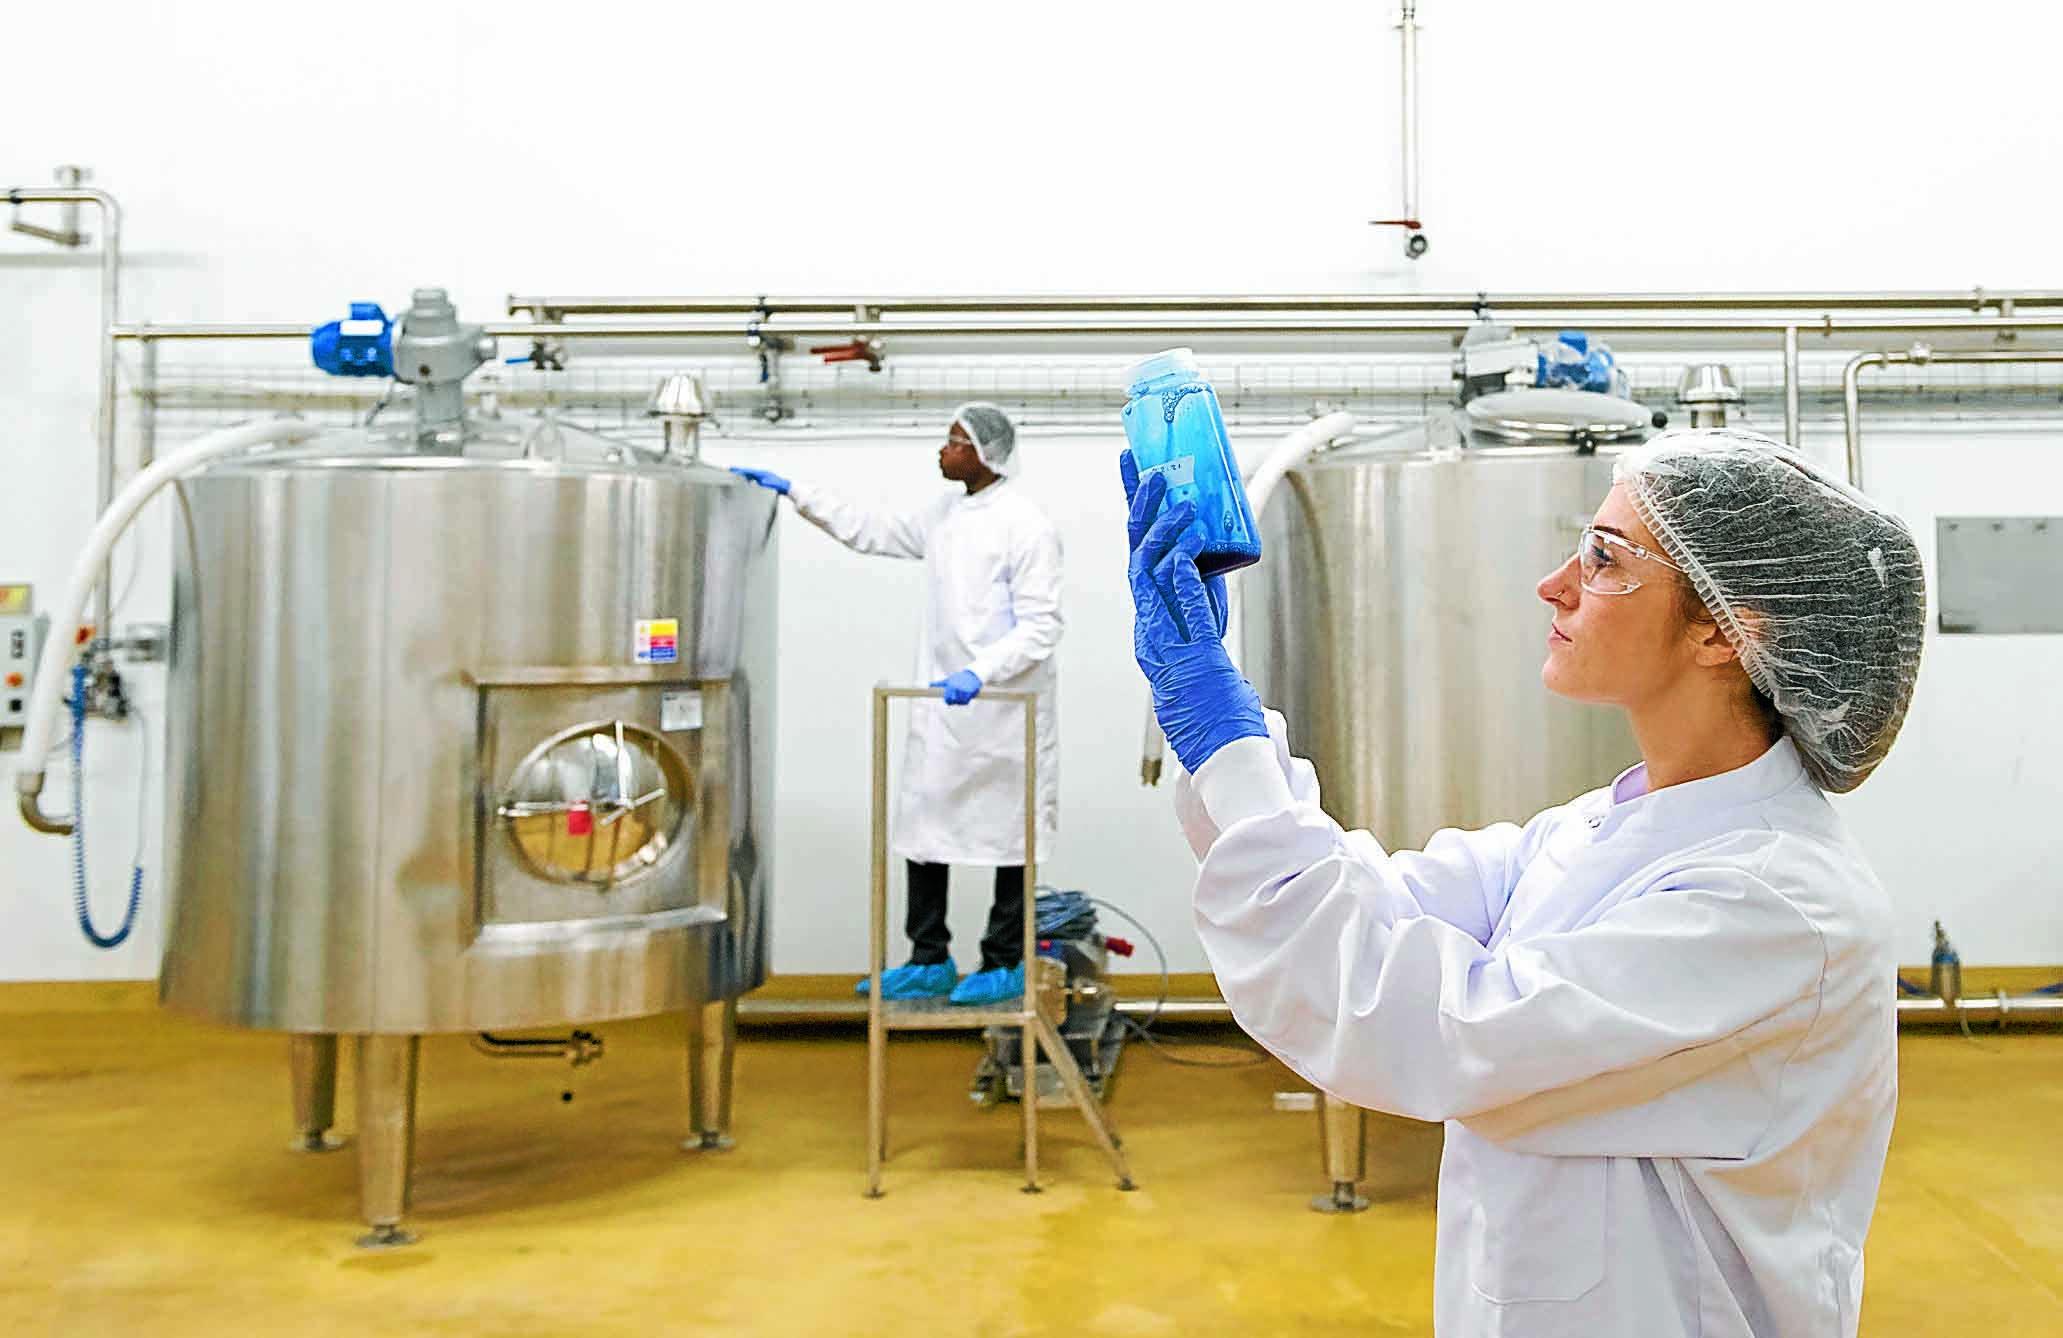 Factory brings jobs boost